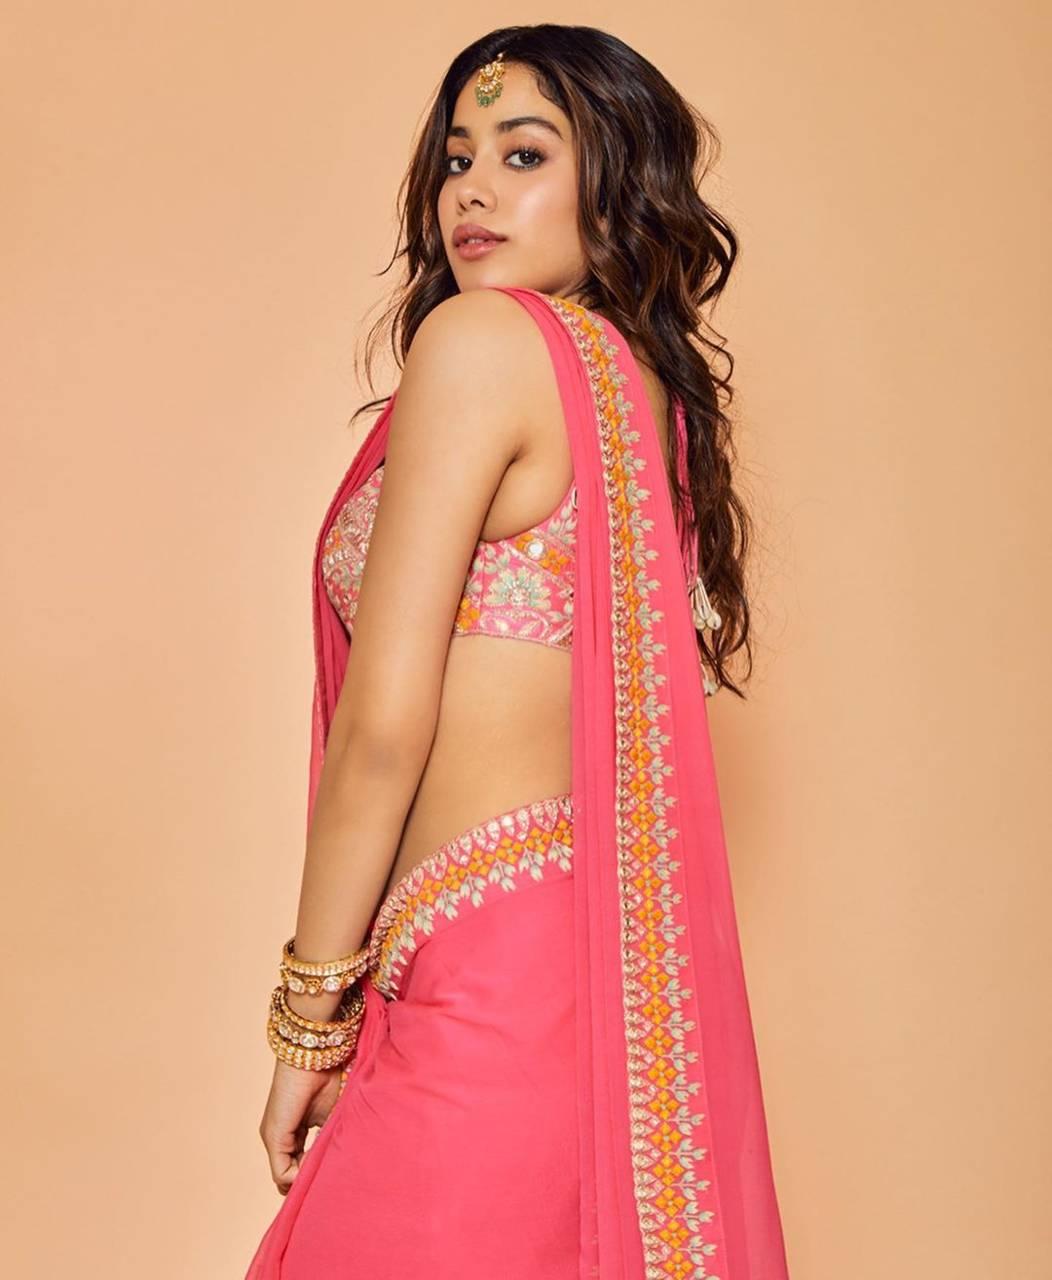 Janhavi Kapoor